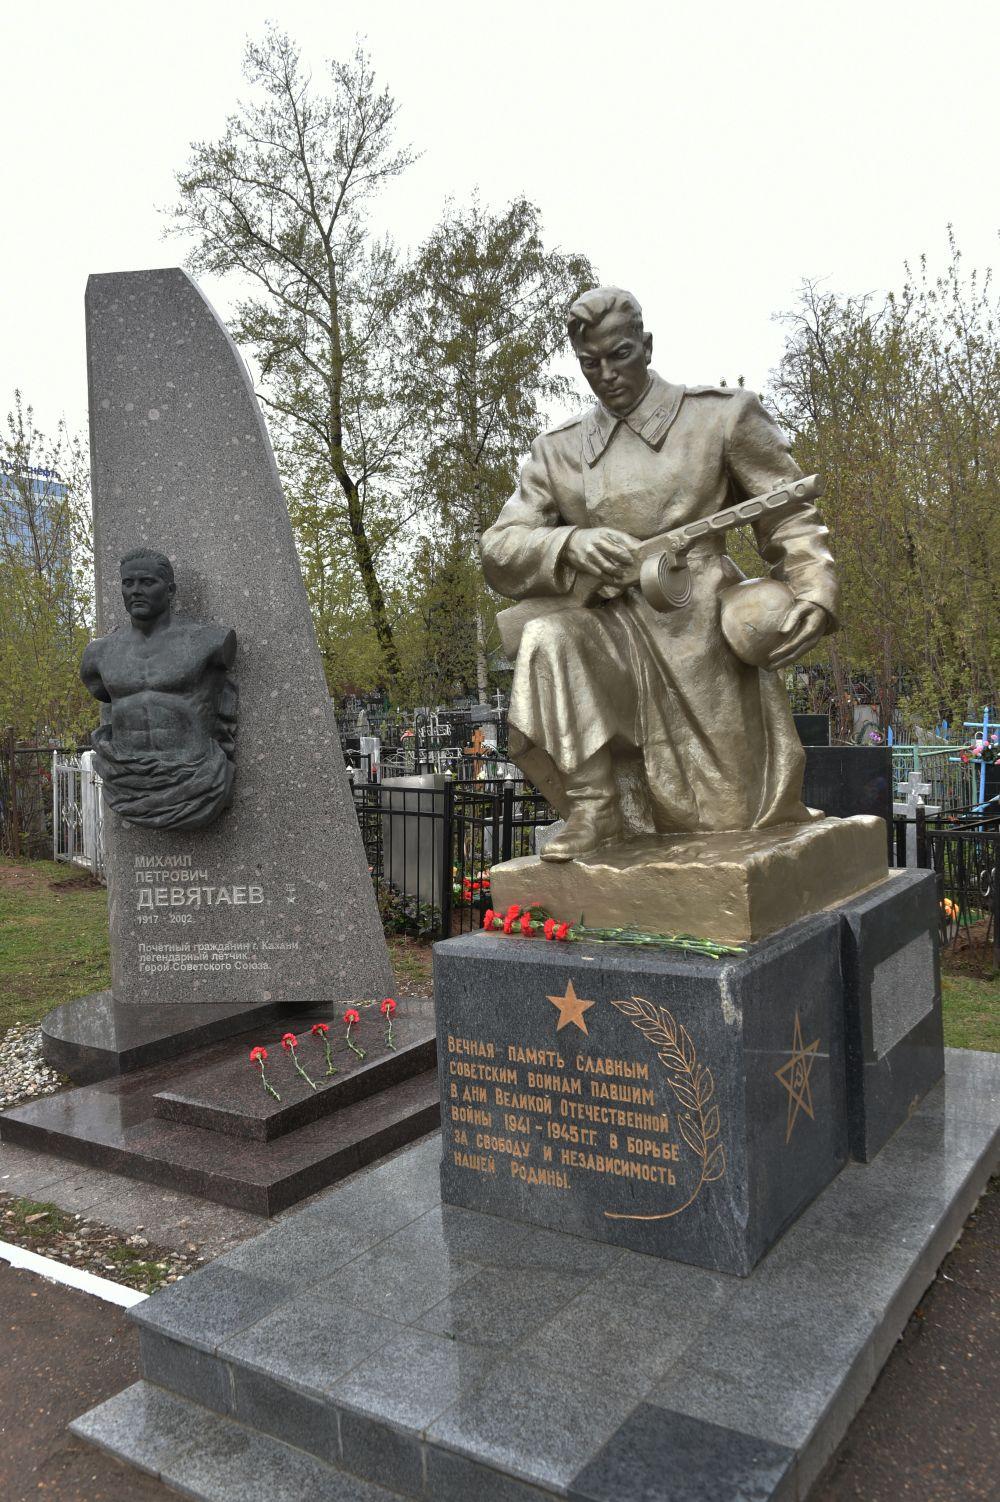 Памятник Михаилу Девятаеву на Арском кладбище и обелиск в память павших в годы Великой Отечественной войны.